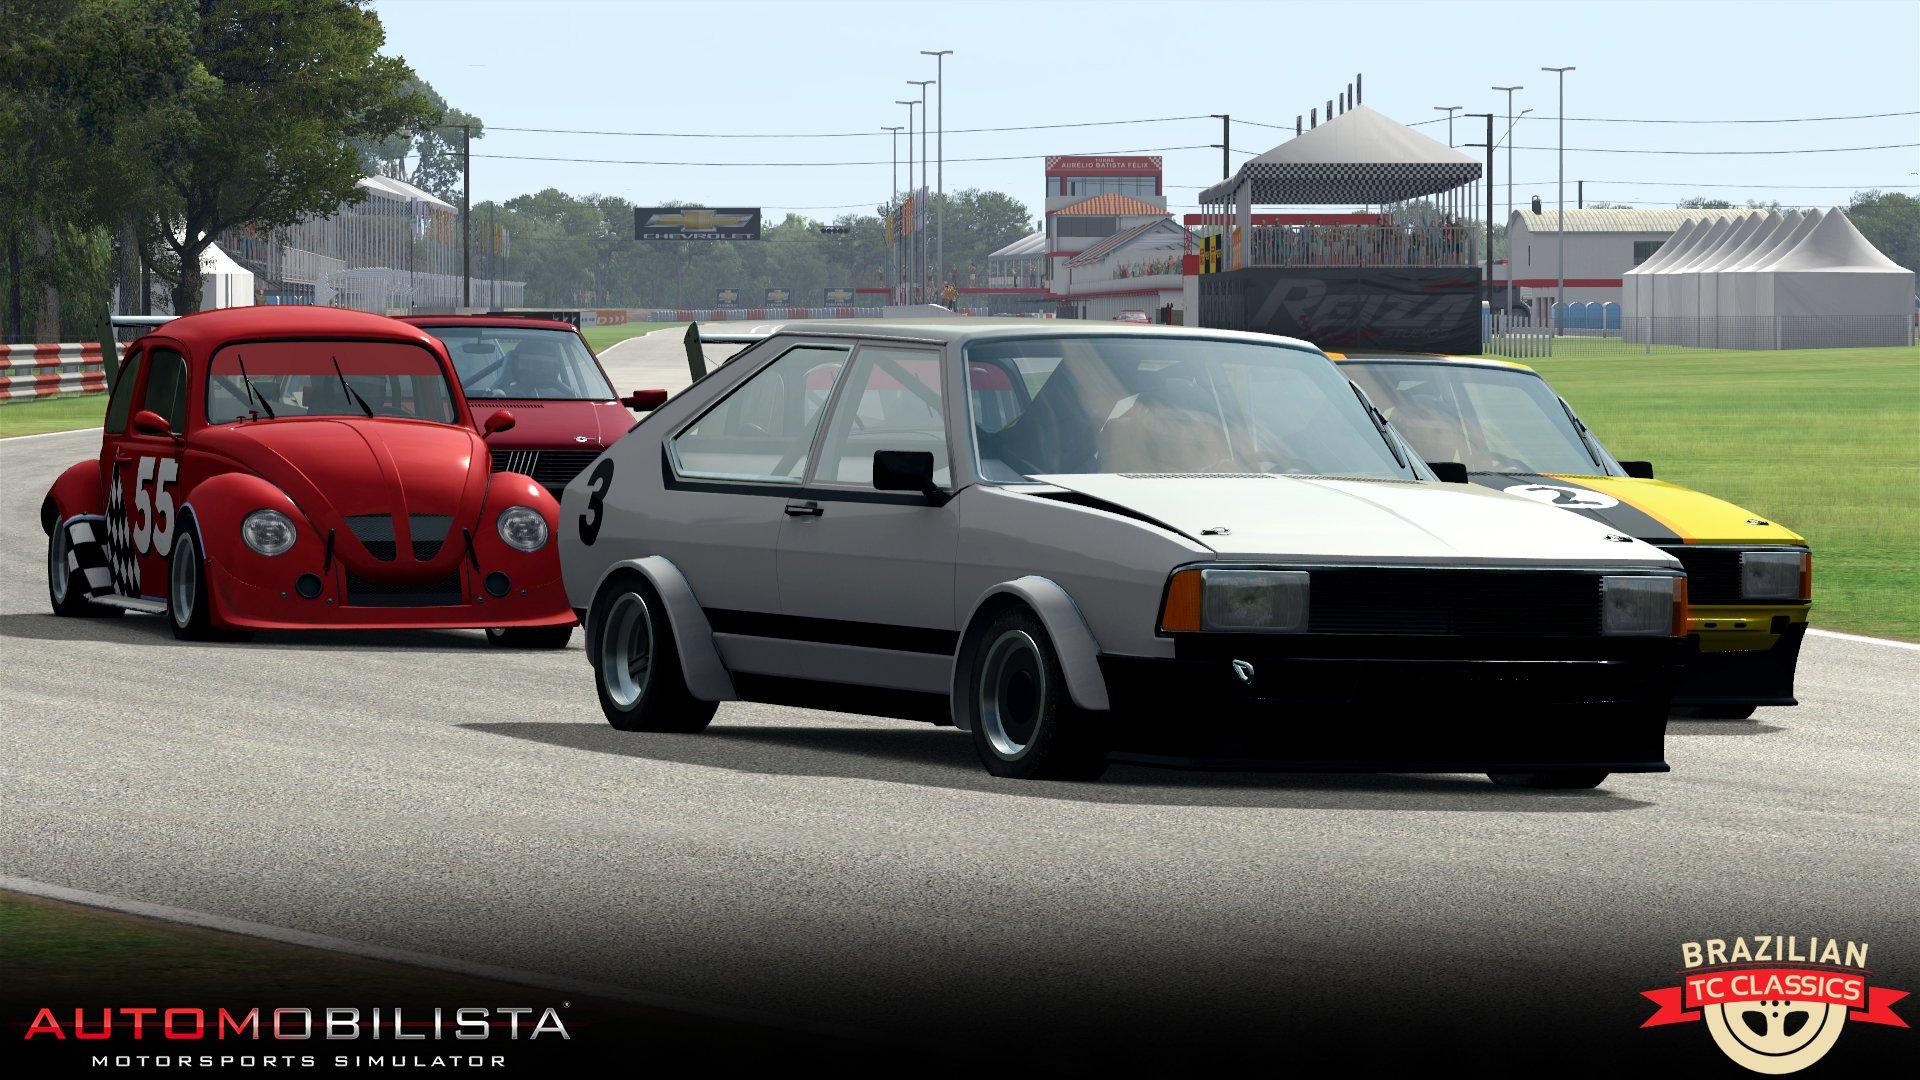 Automobilista – v1.4.8. and the Brazilian Touring Car Classics DLC ...